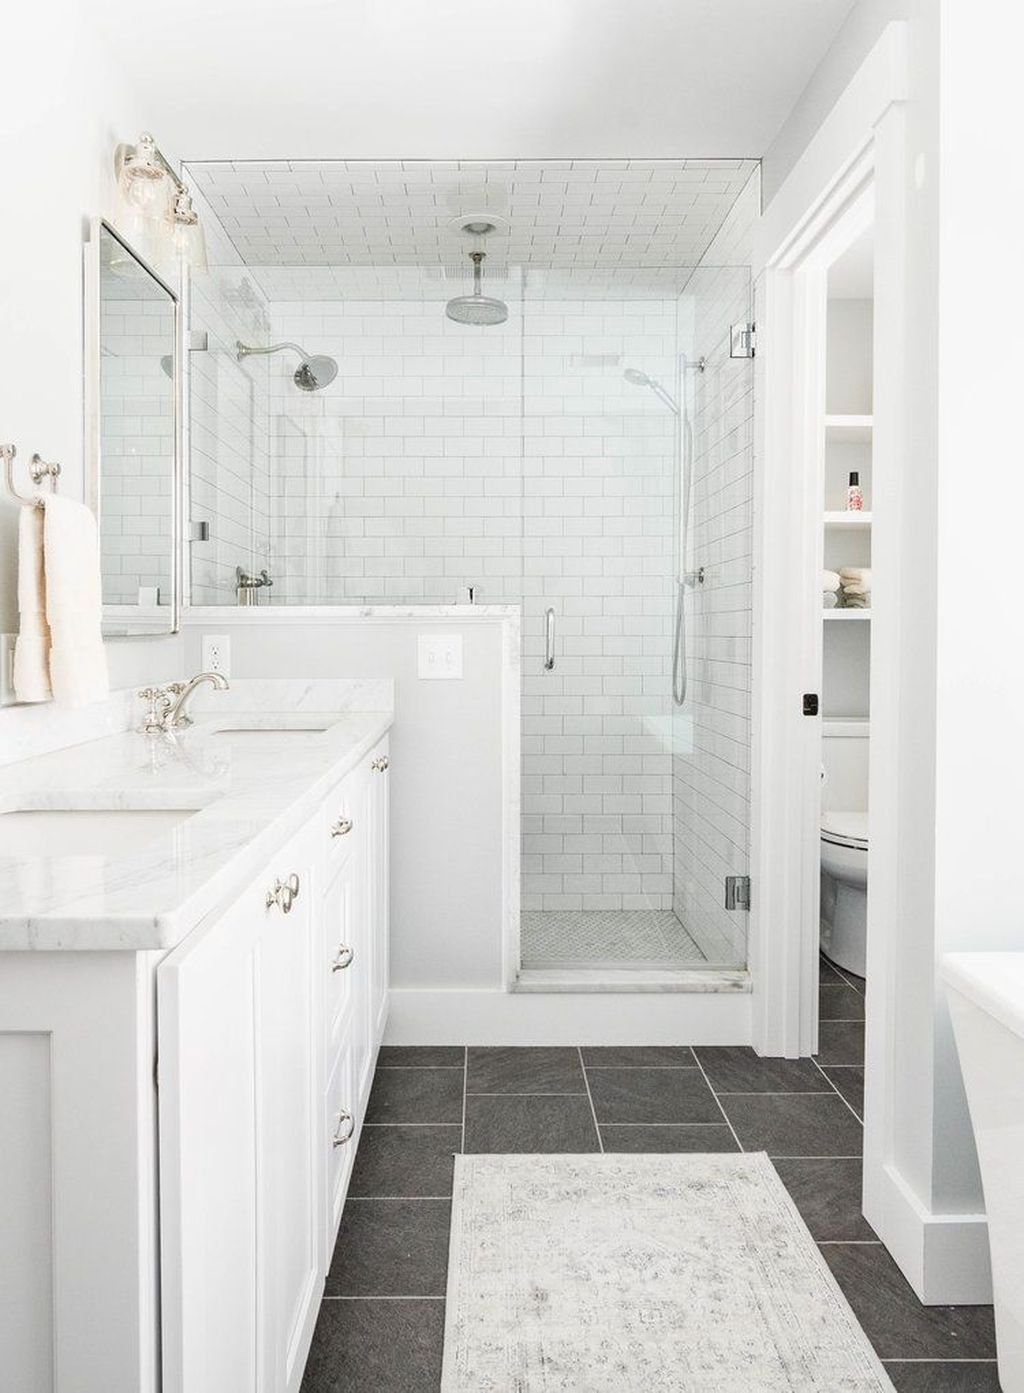 Photo of Inspirierende Ideen für die Renovierung von Badezimmern – TRENDEDECOR – bathroom